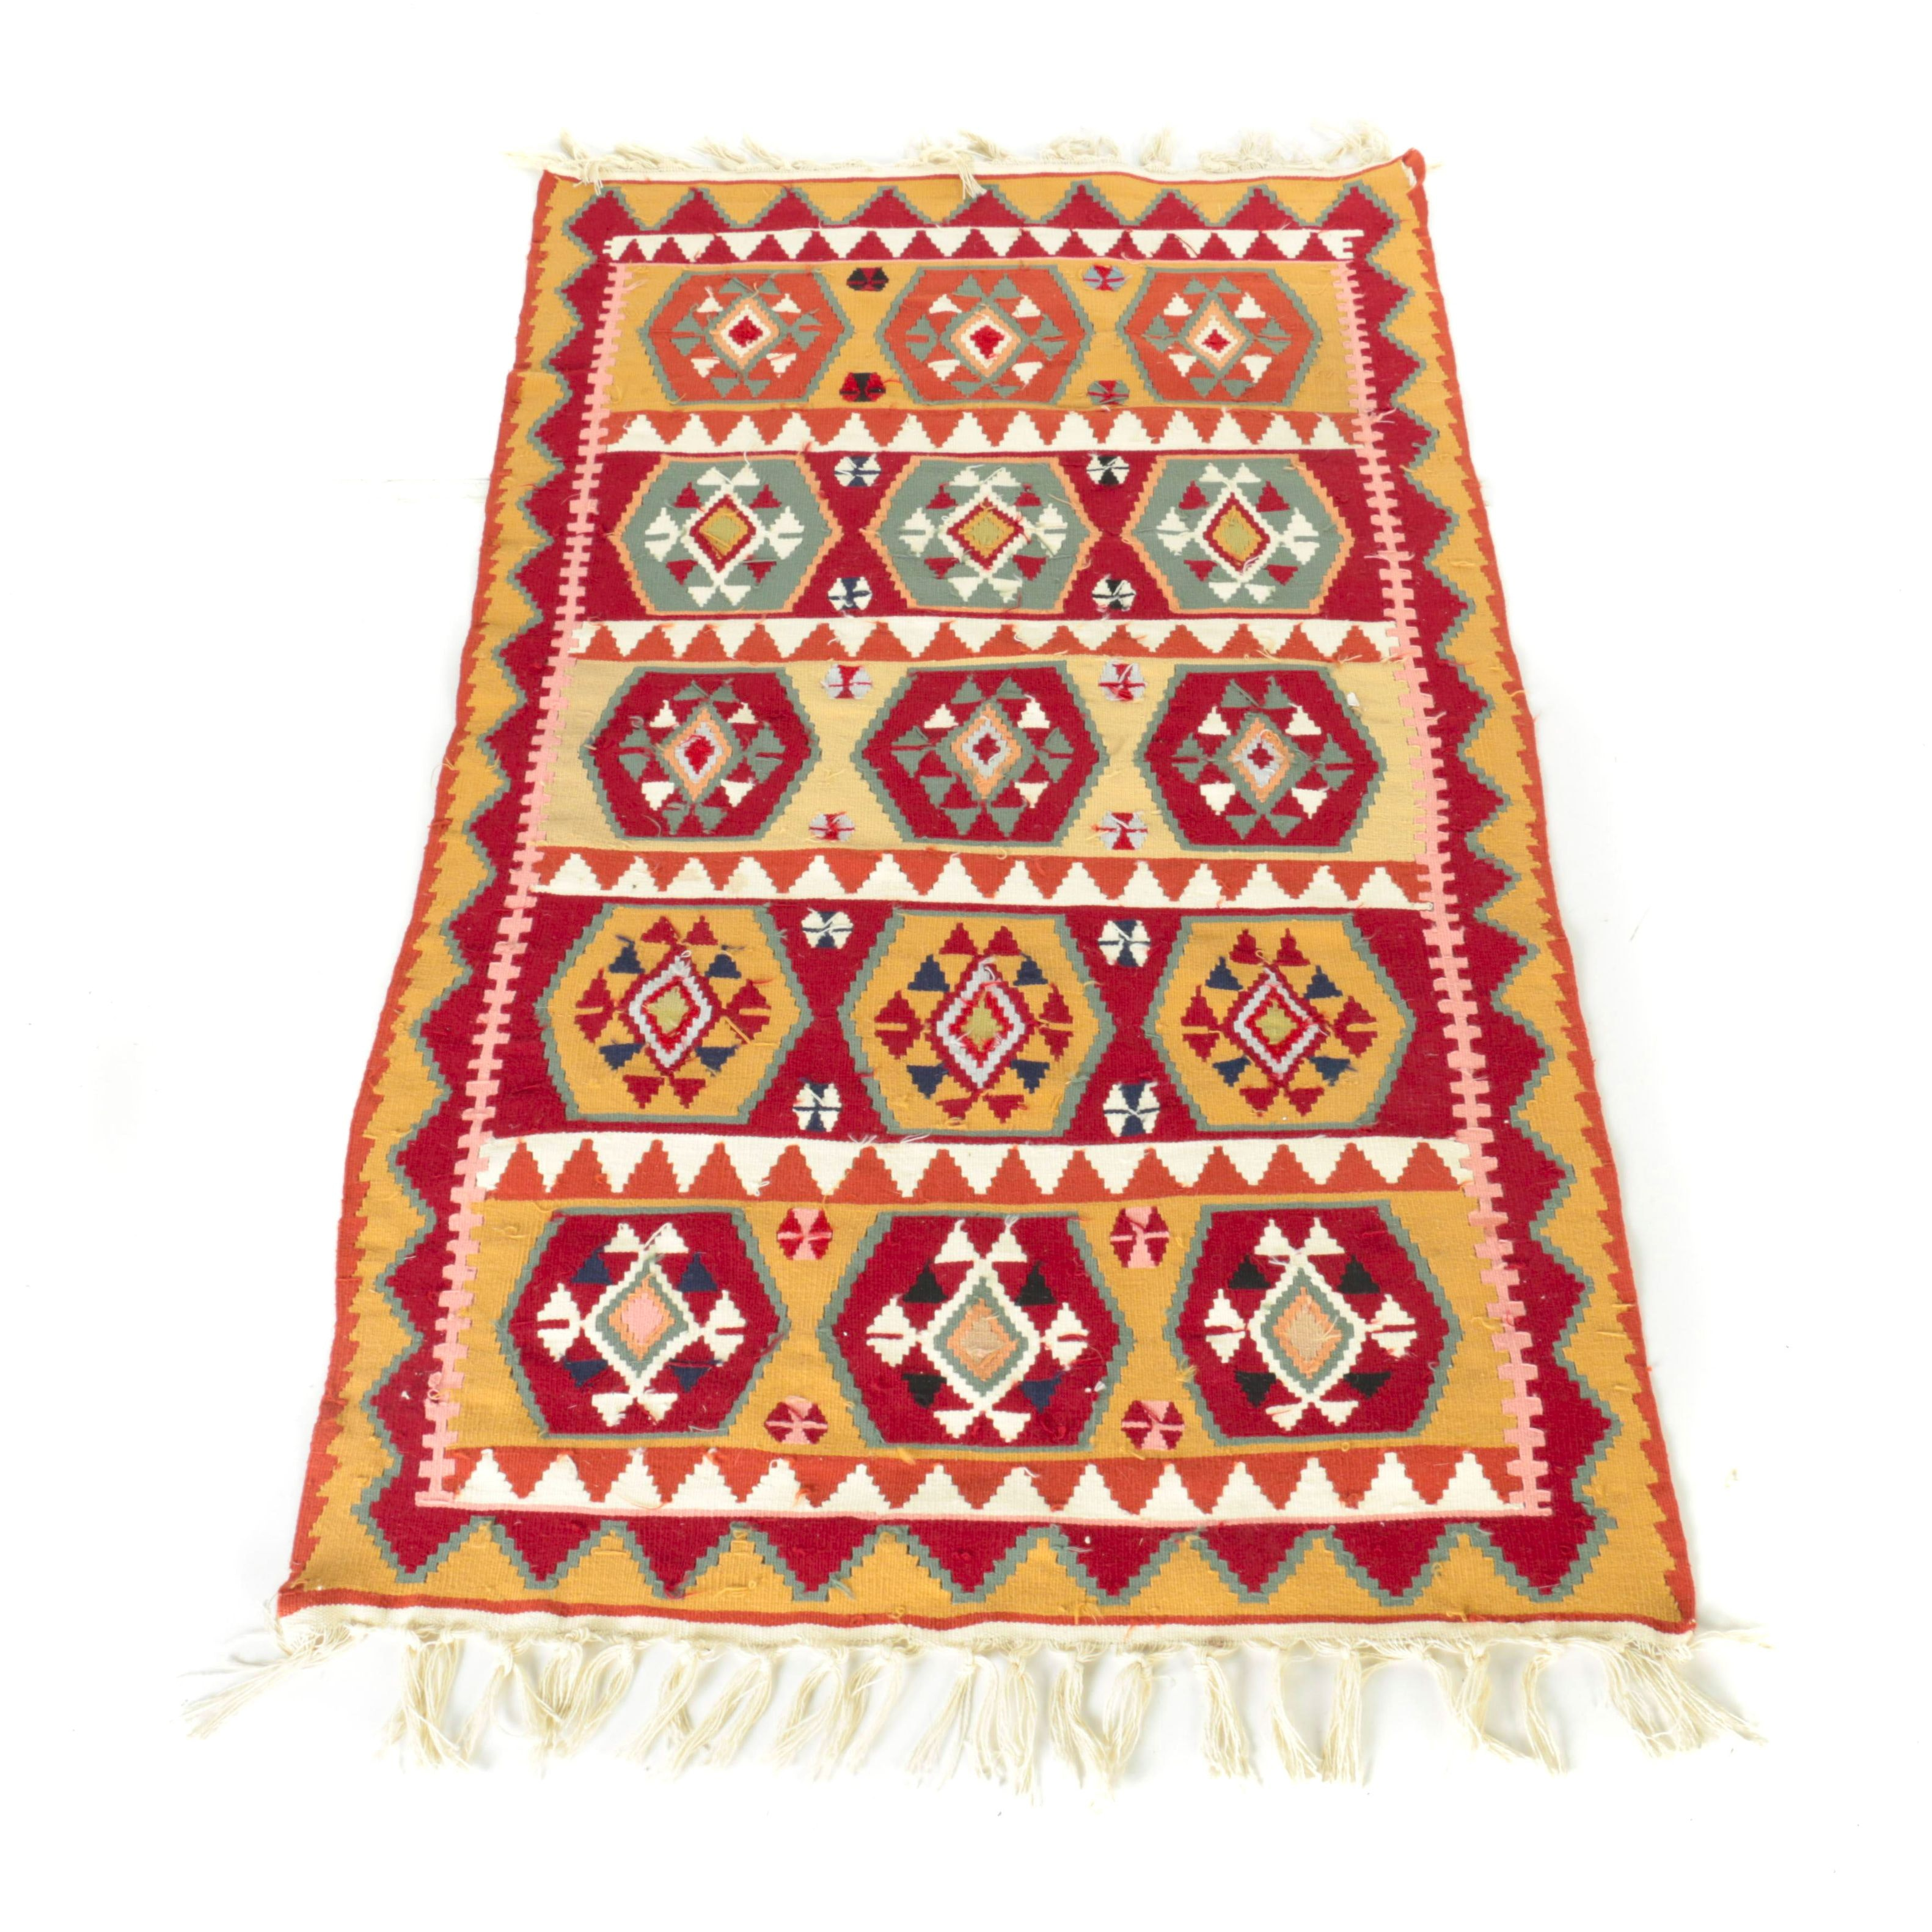 Handwoven Turkish Kilim